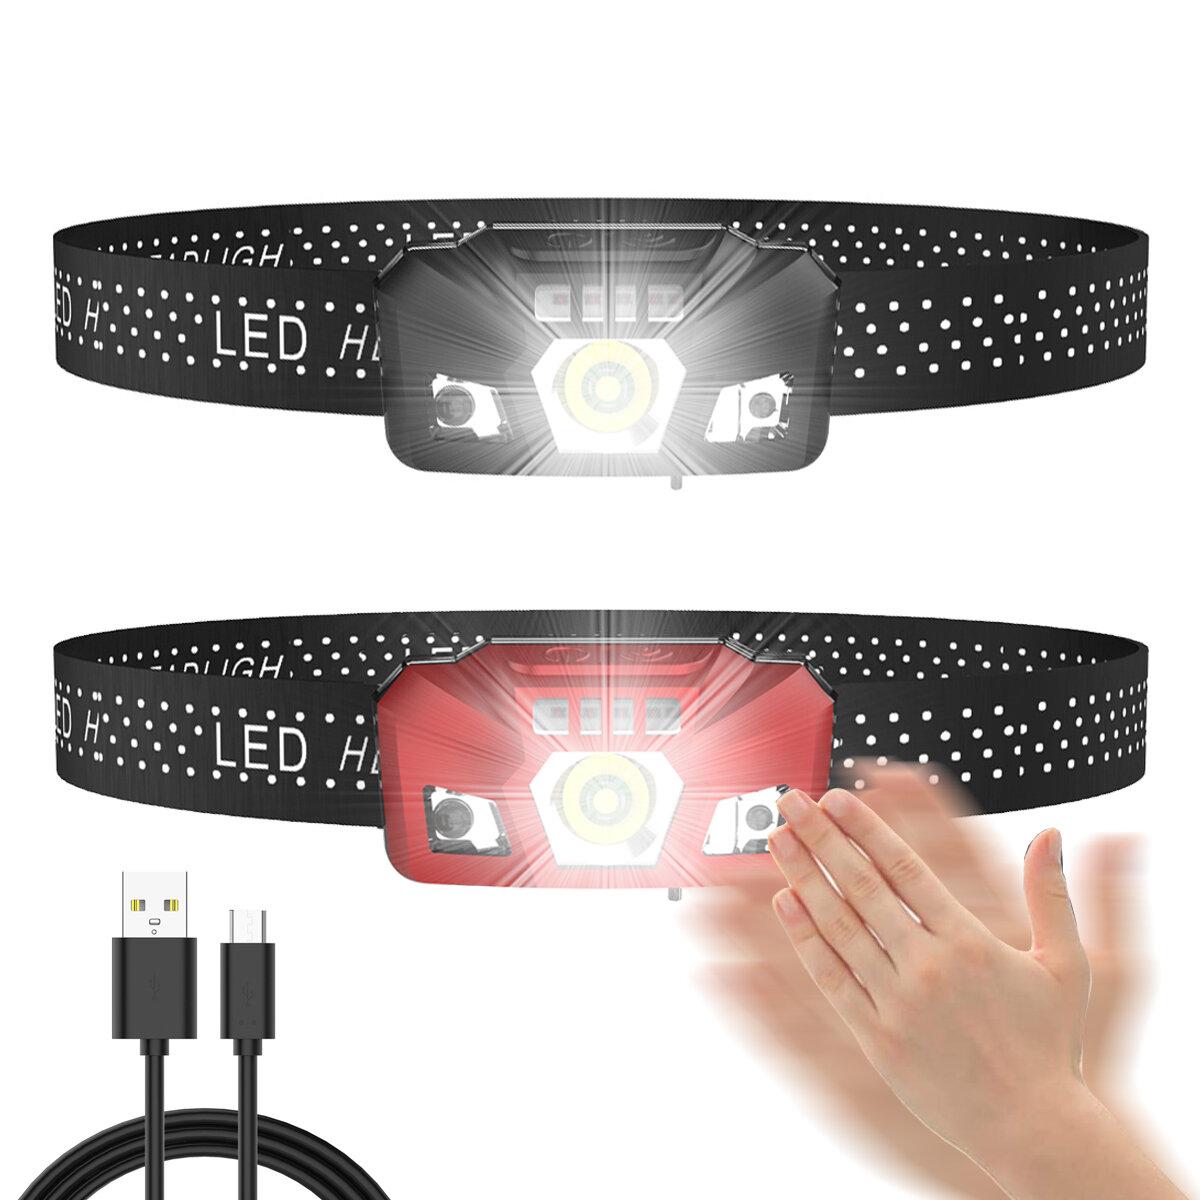 XPE / XPG LED Linterna frontal 3 modos USB Antorcha táctica recargable Luz al aire libre cámping Ciclismo